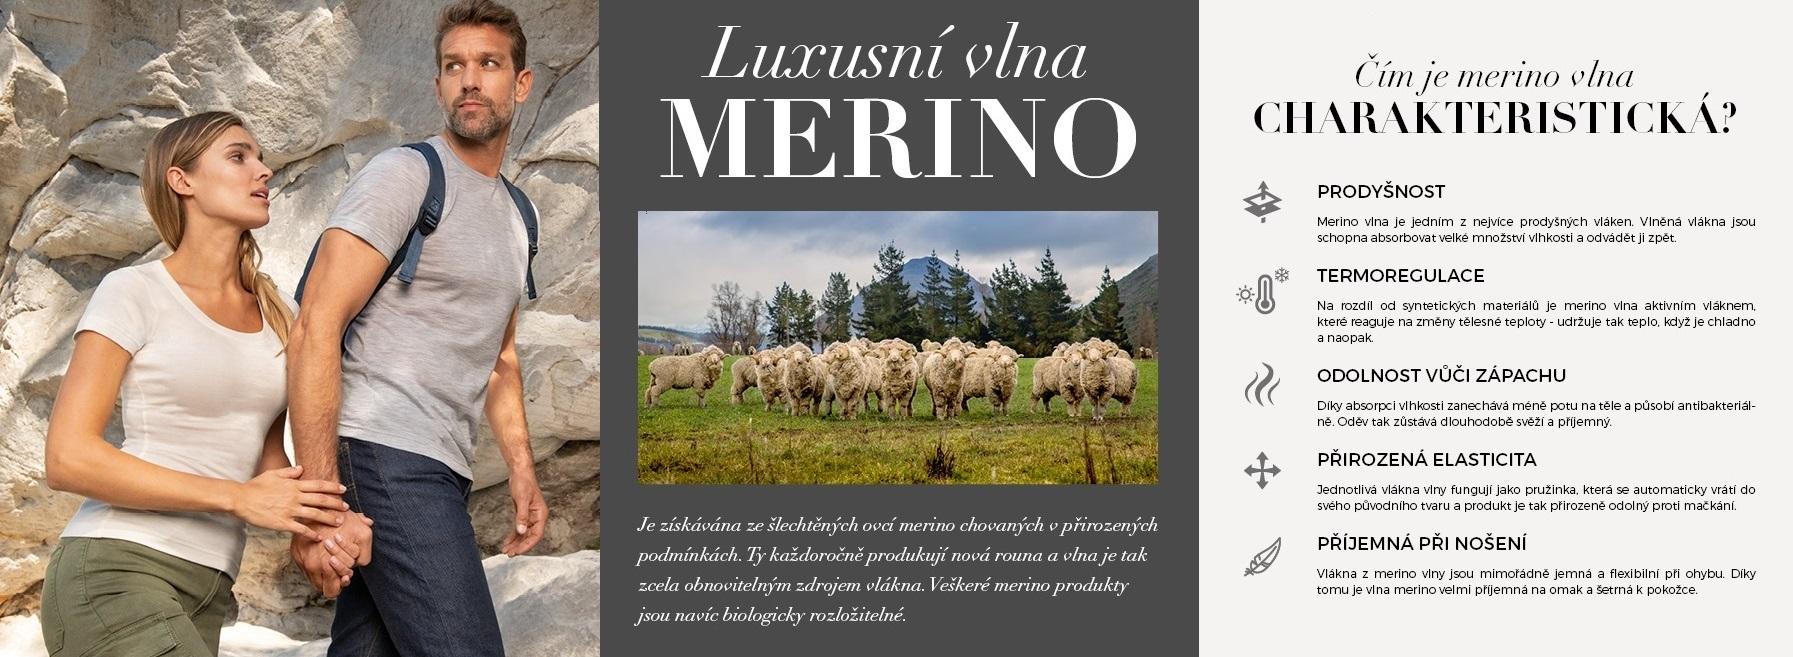 merinocz_2020-07-01_1